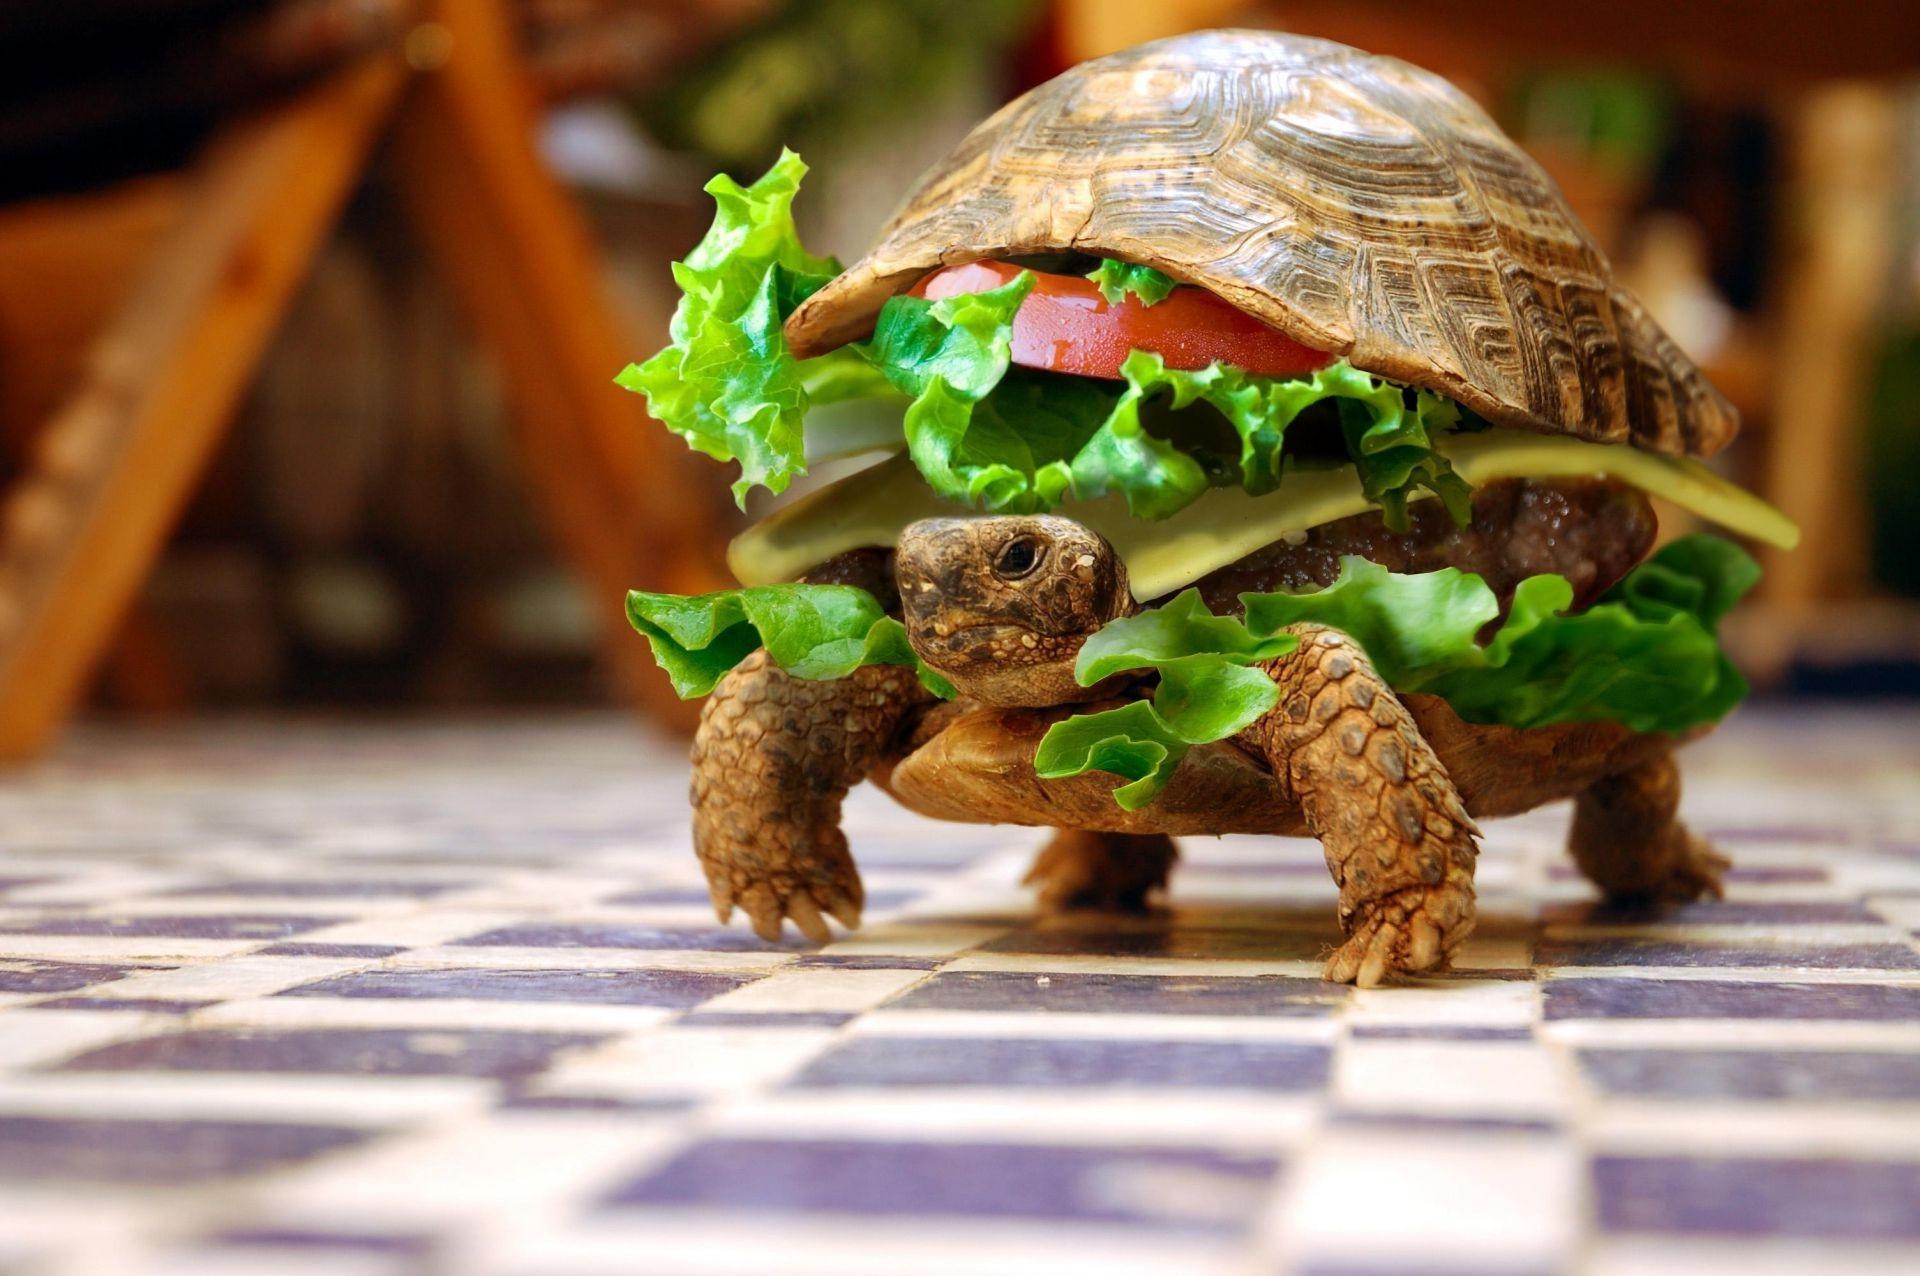 Смешные картинки для рабочего стола с животными